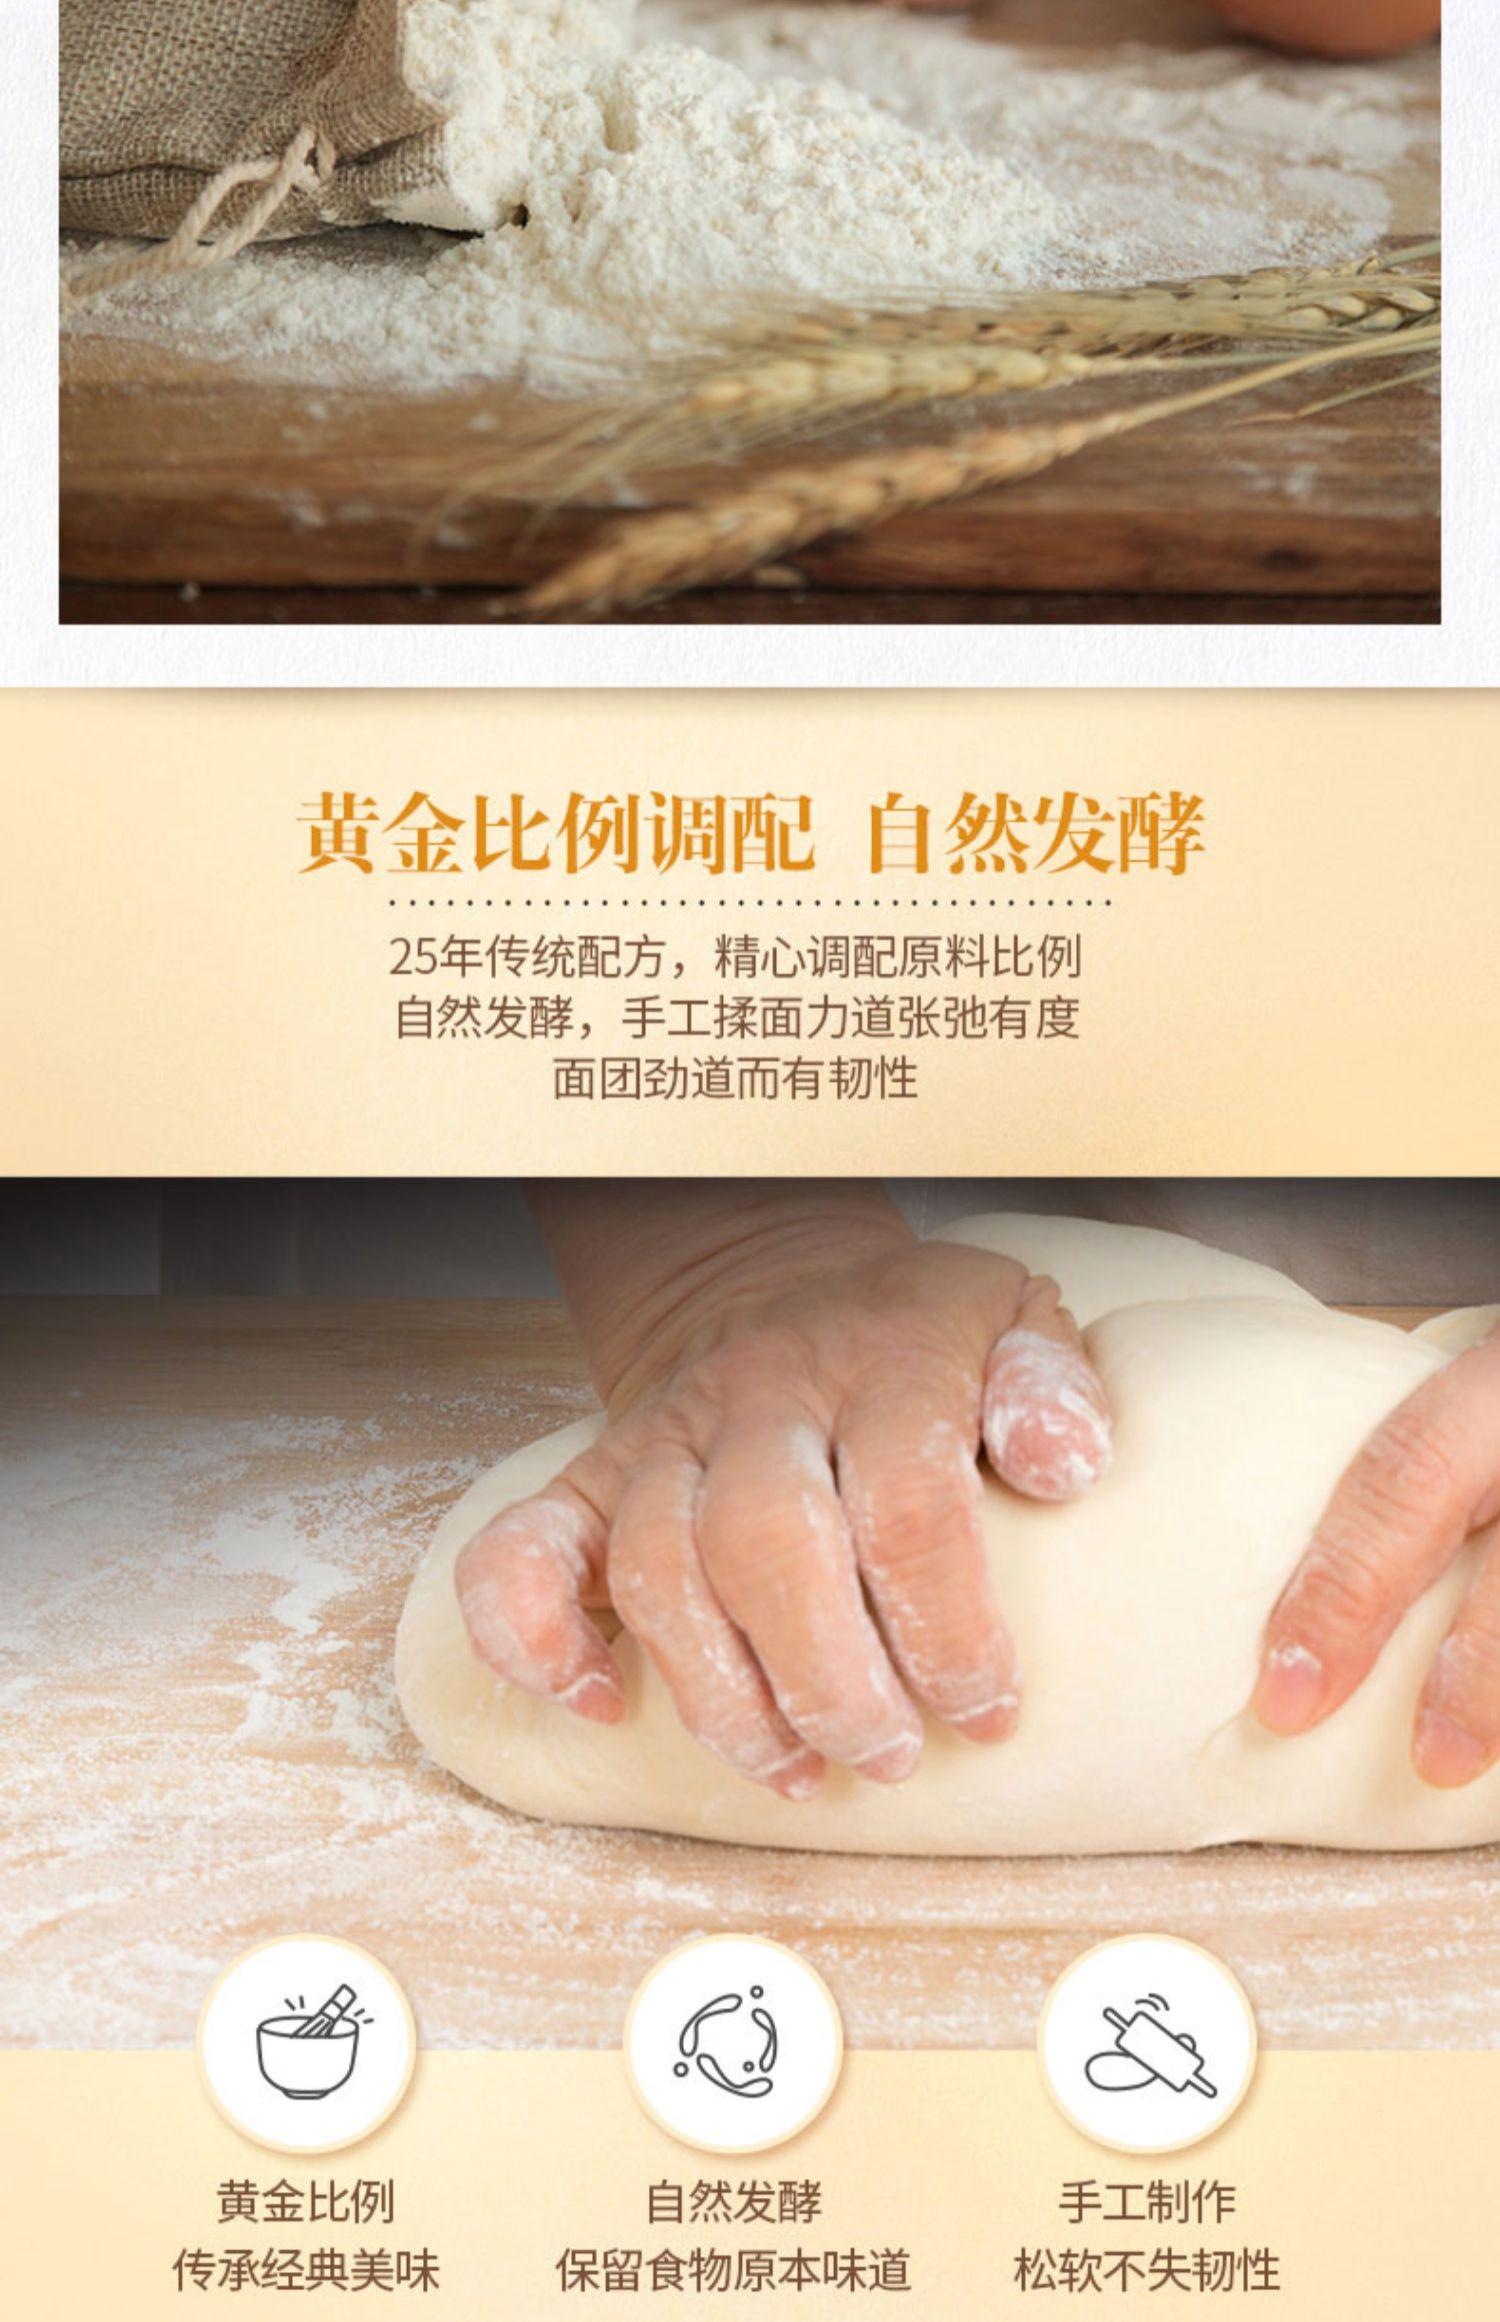 【徐福记大牌!】沙琪玛470gX2大袋4